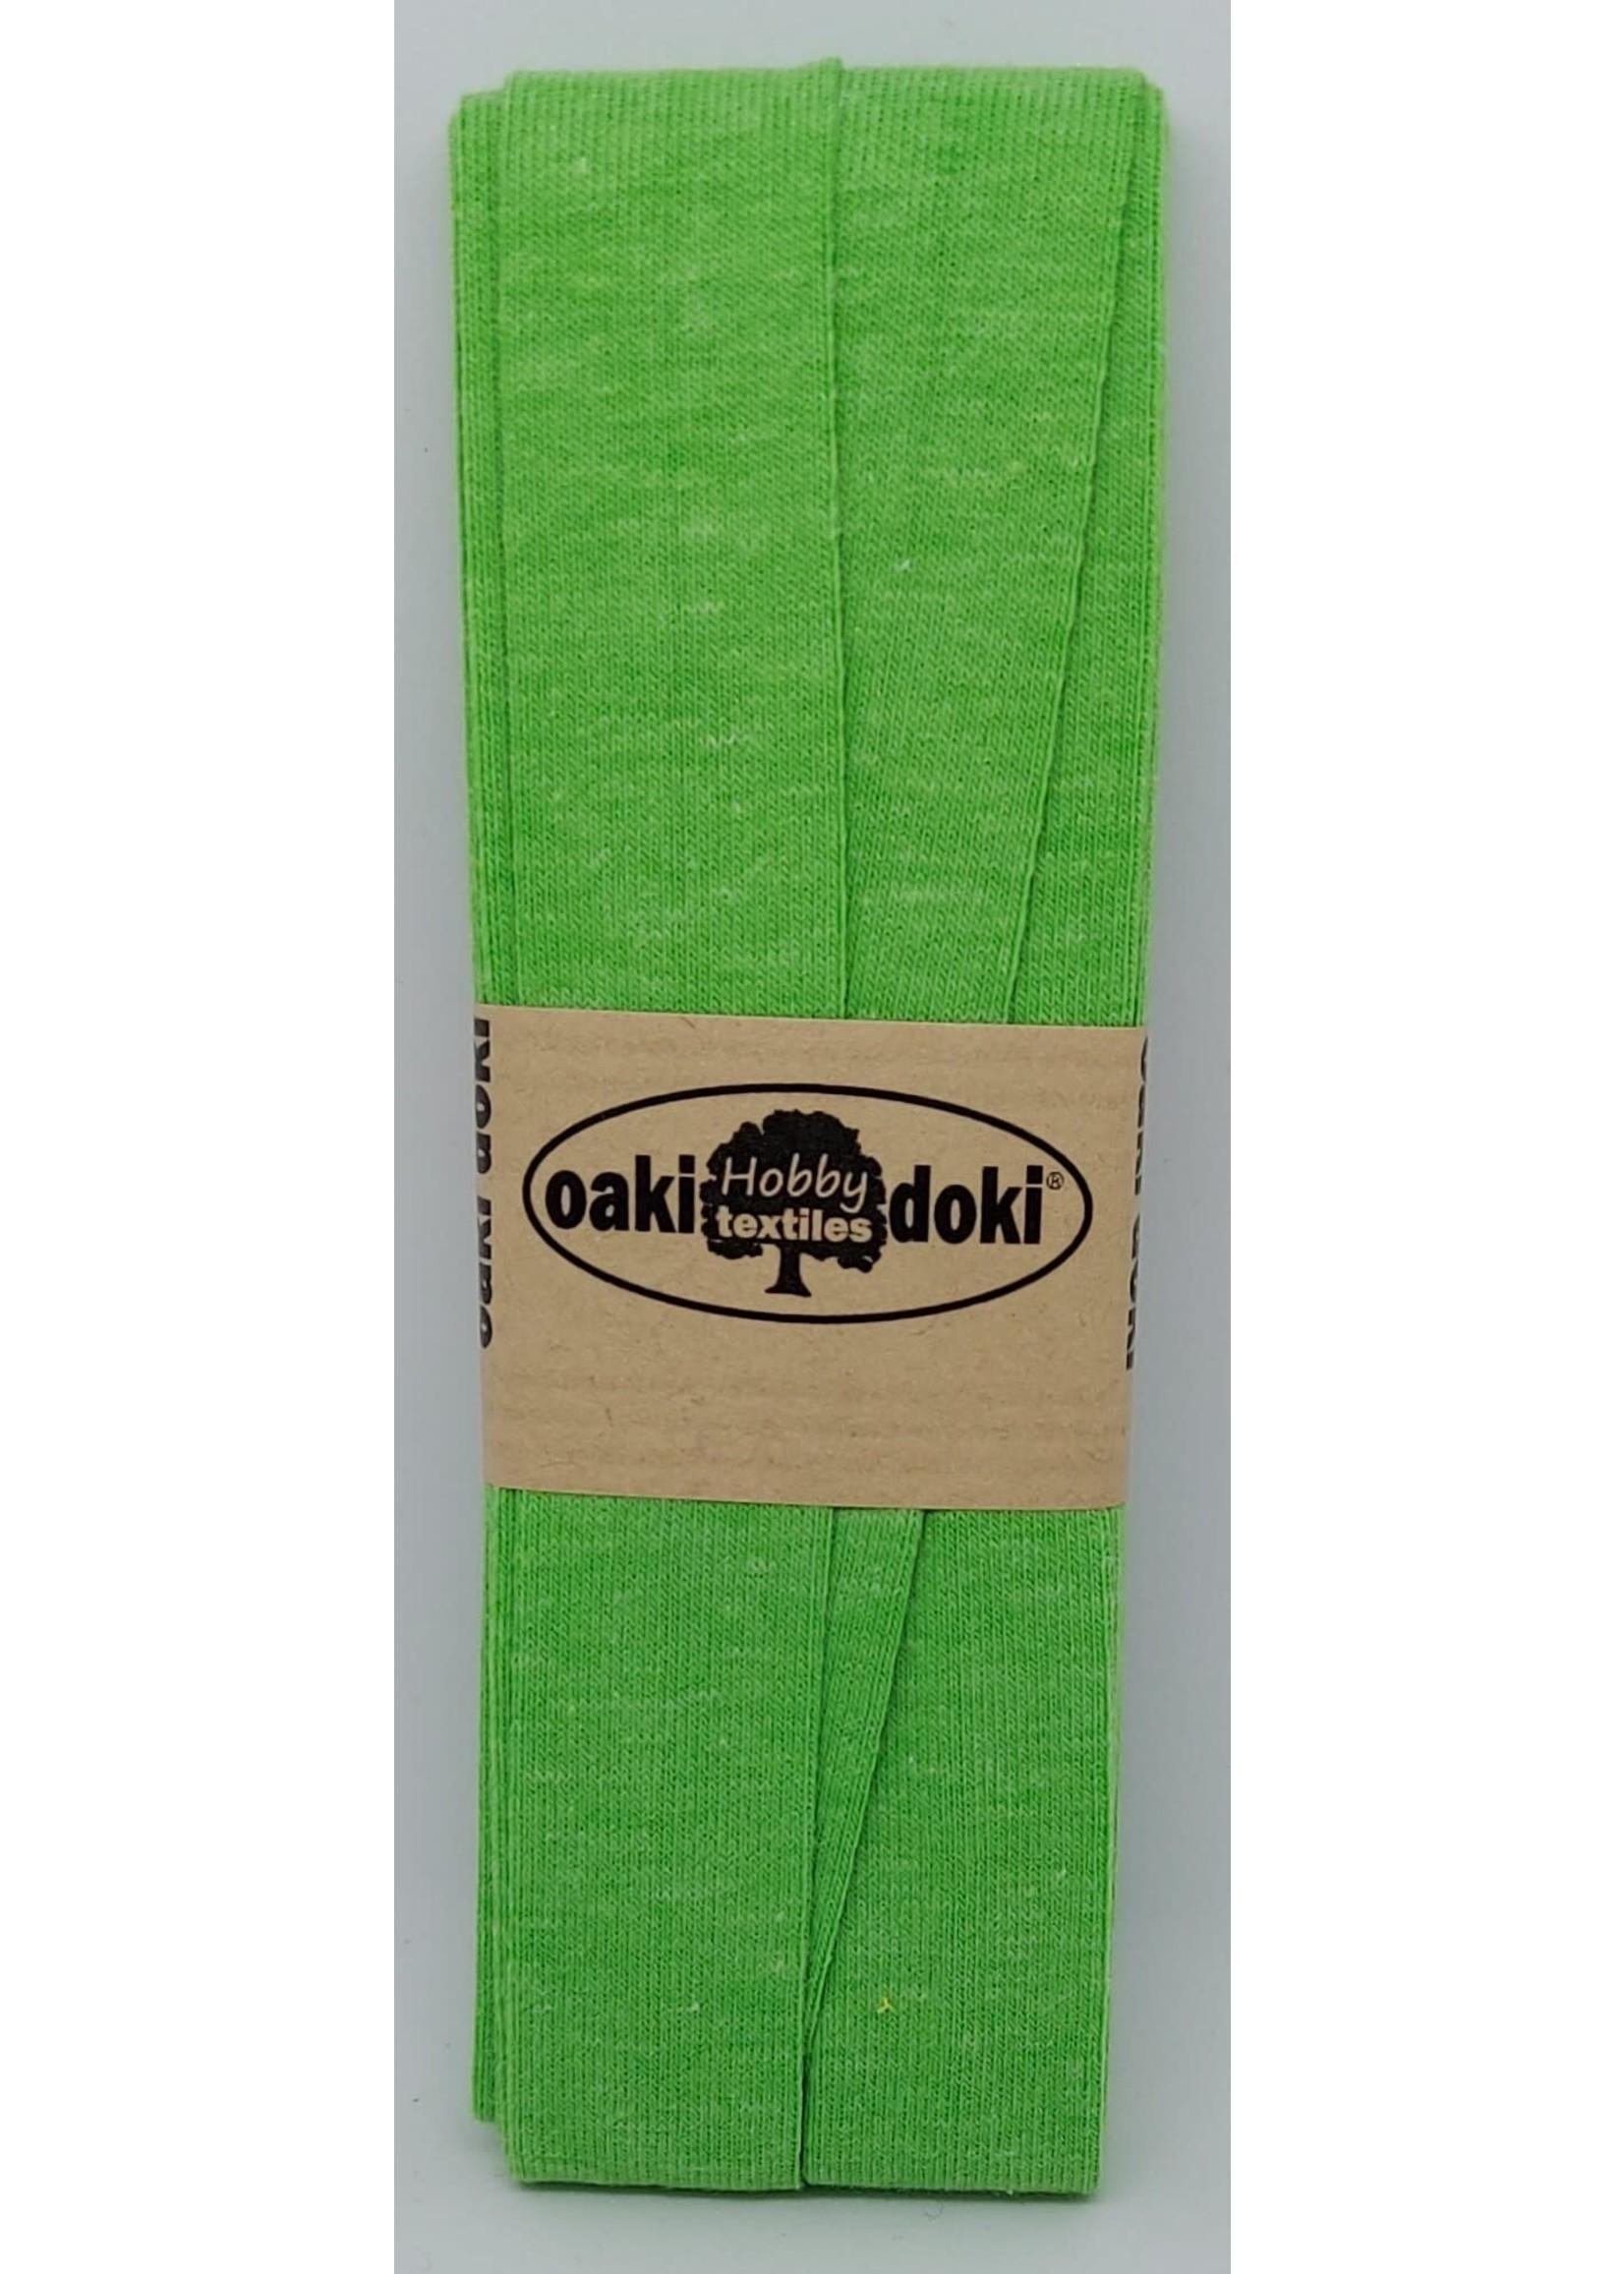 Oaki Doki Tricot de luxe 951